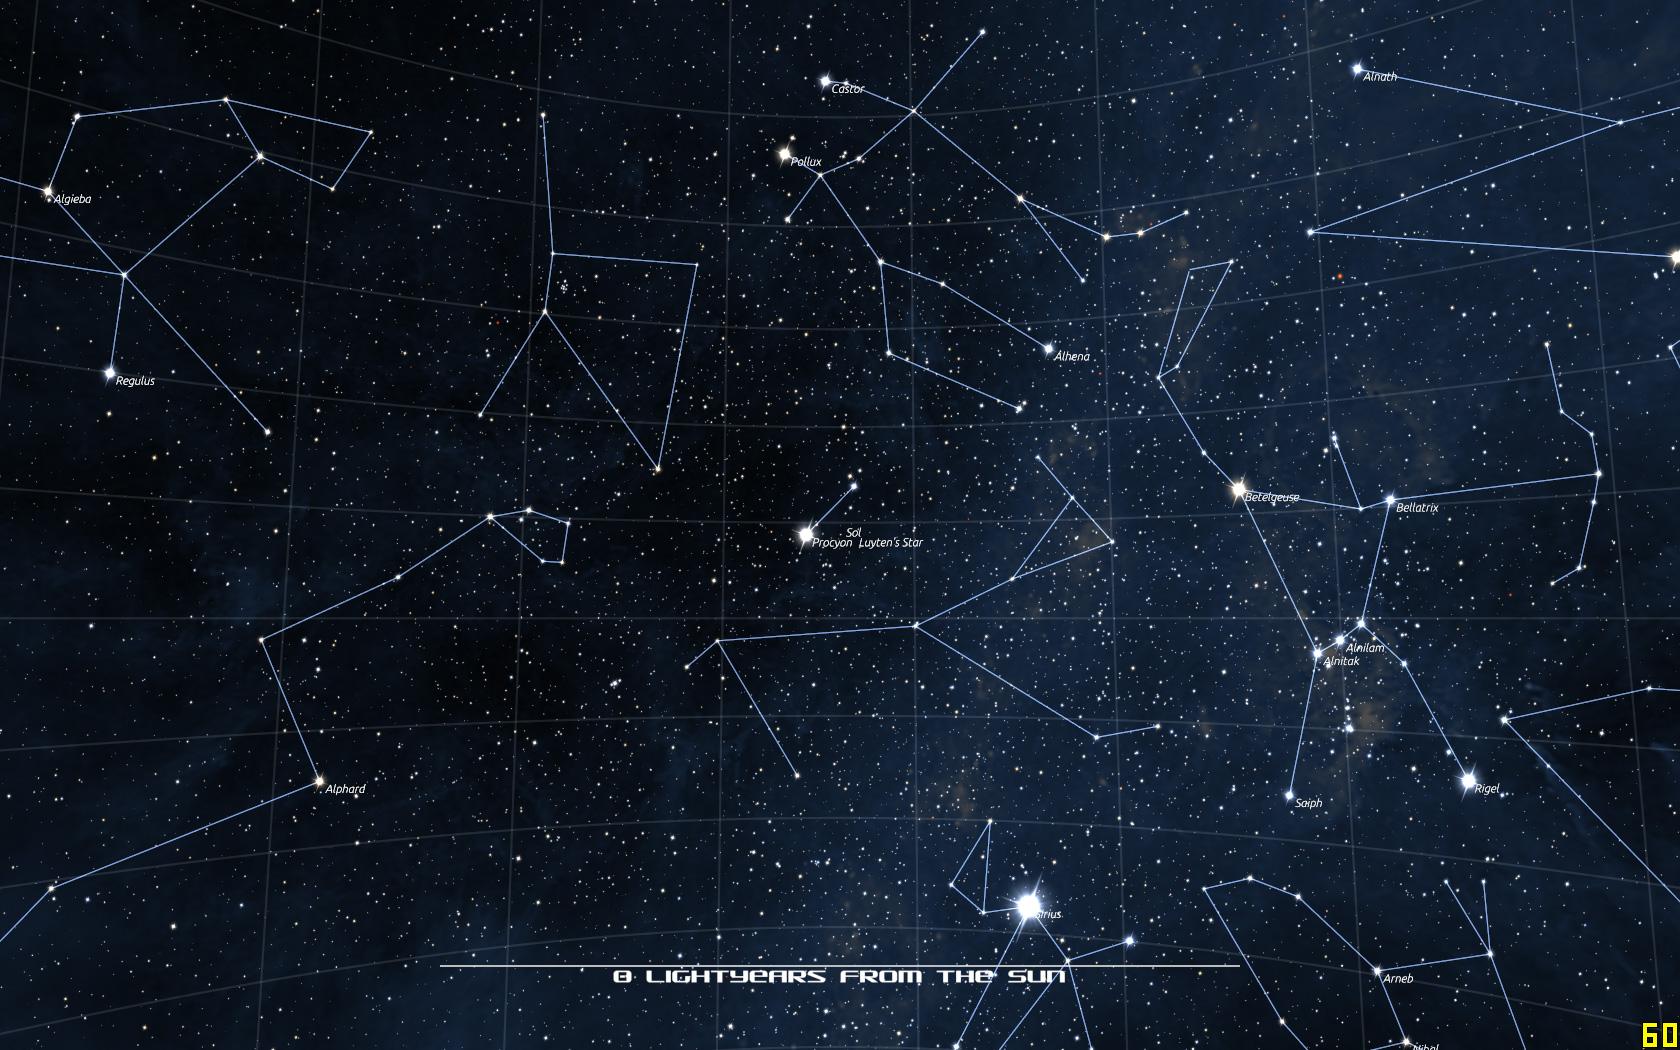 фотографии, расположение картинки небесного созвездия всем вопросам